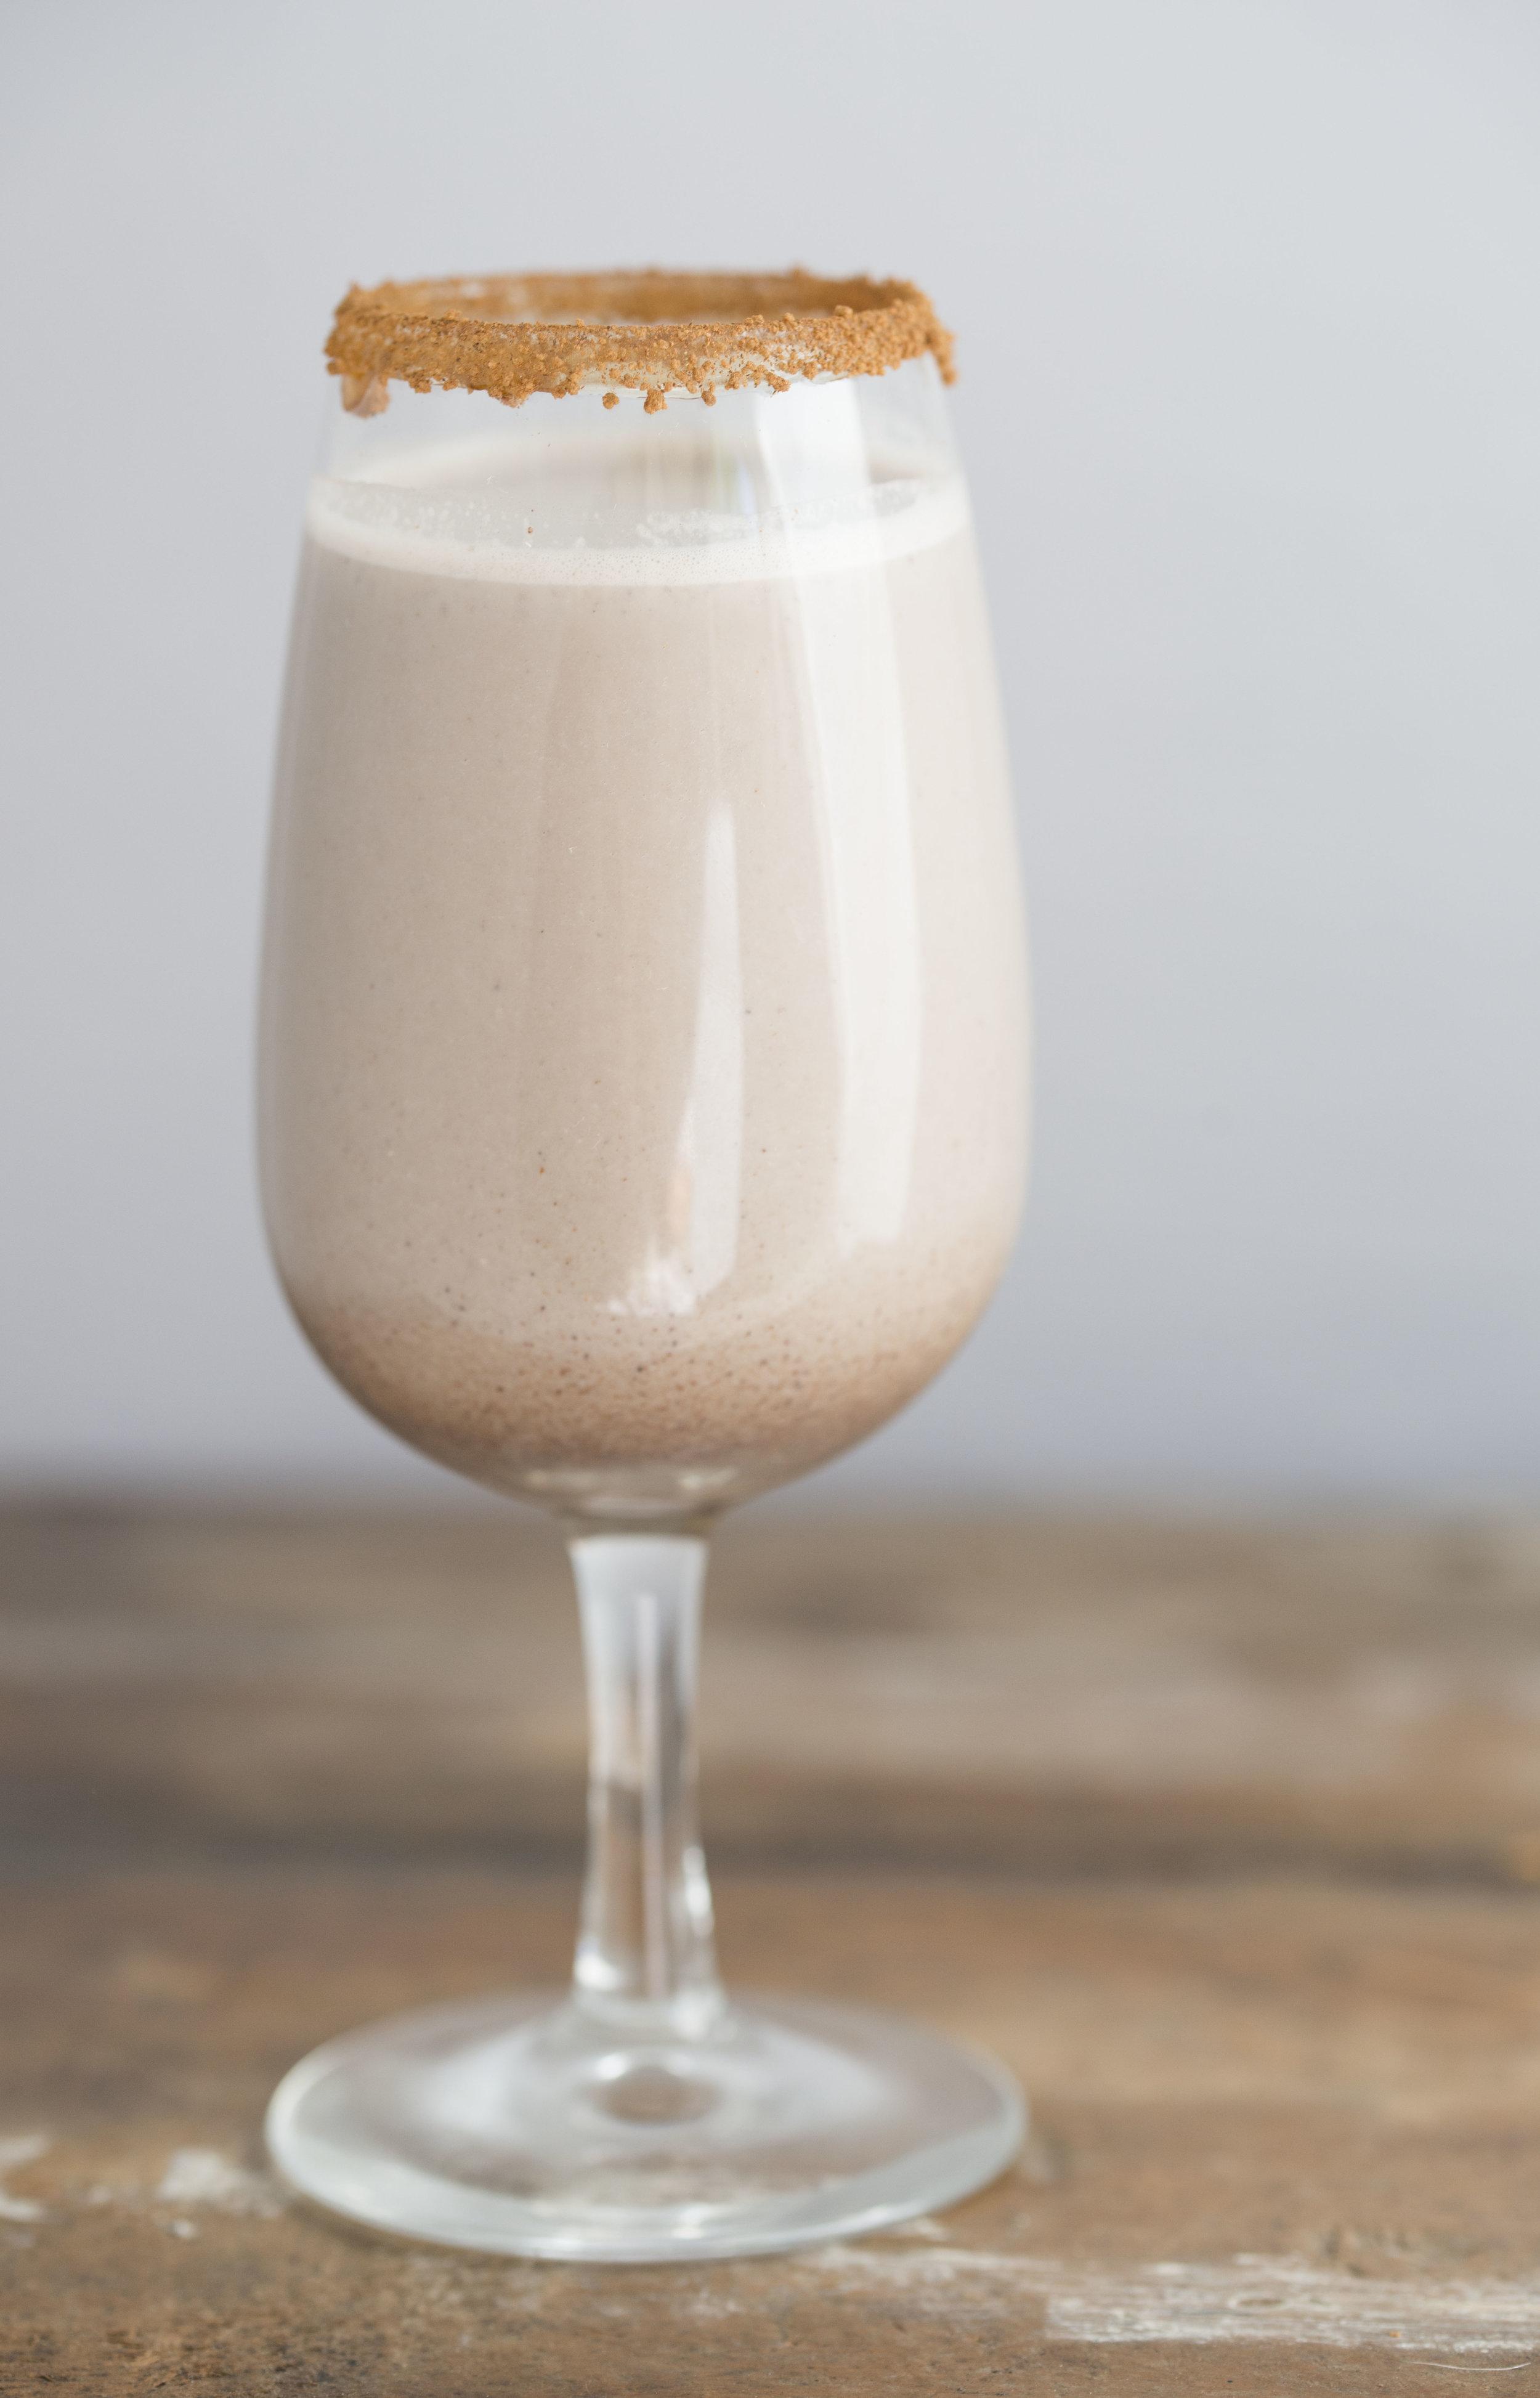 mixed-and-measured-raw-chocolate-cashew-milk-3.jpg